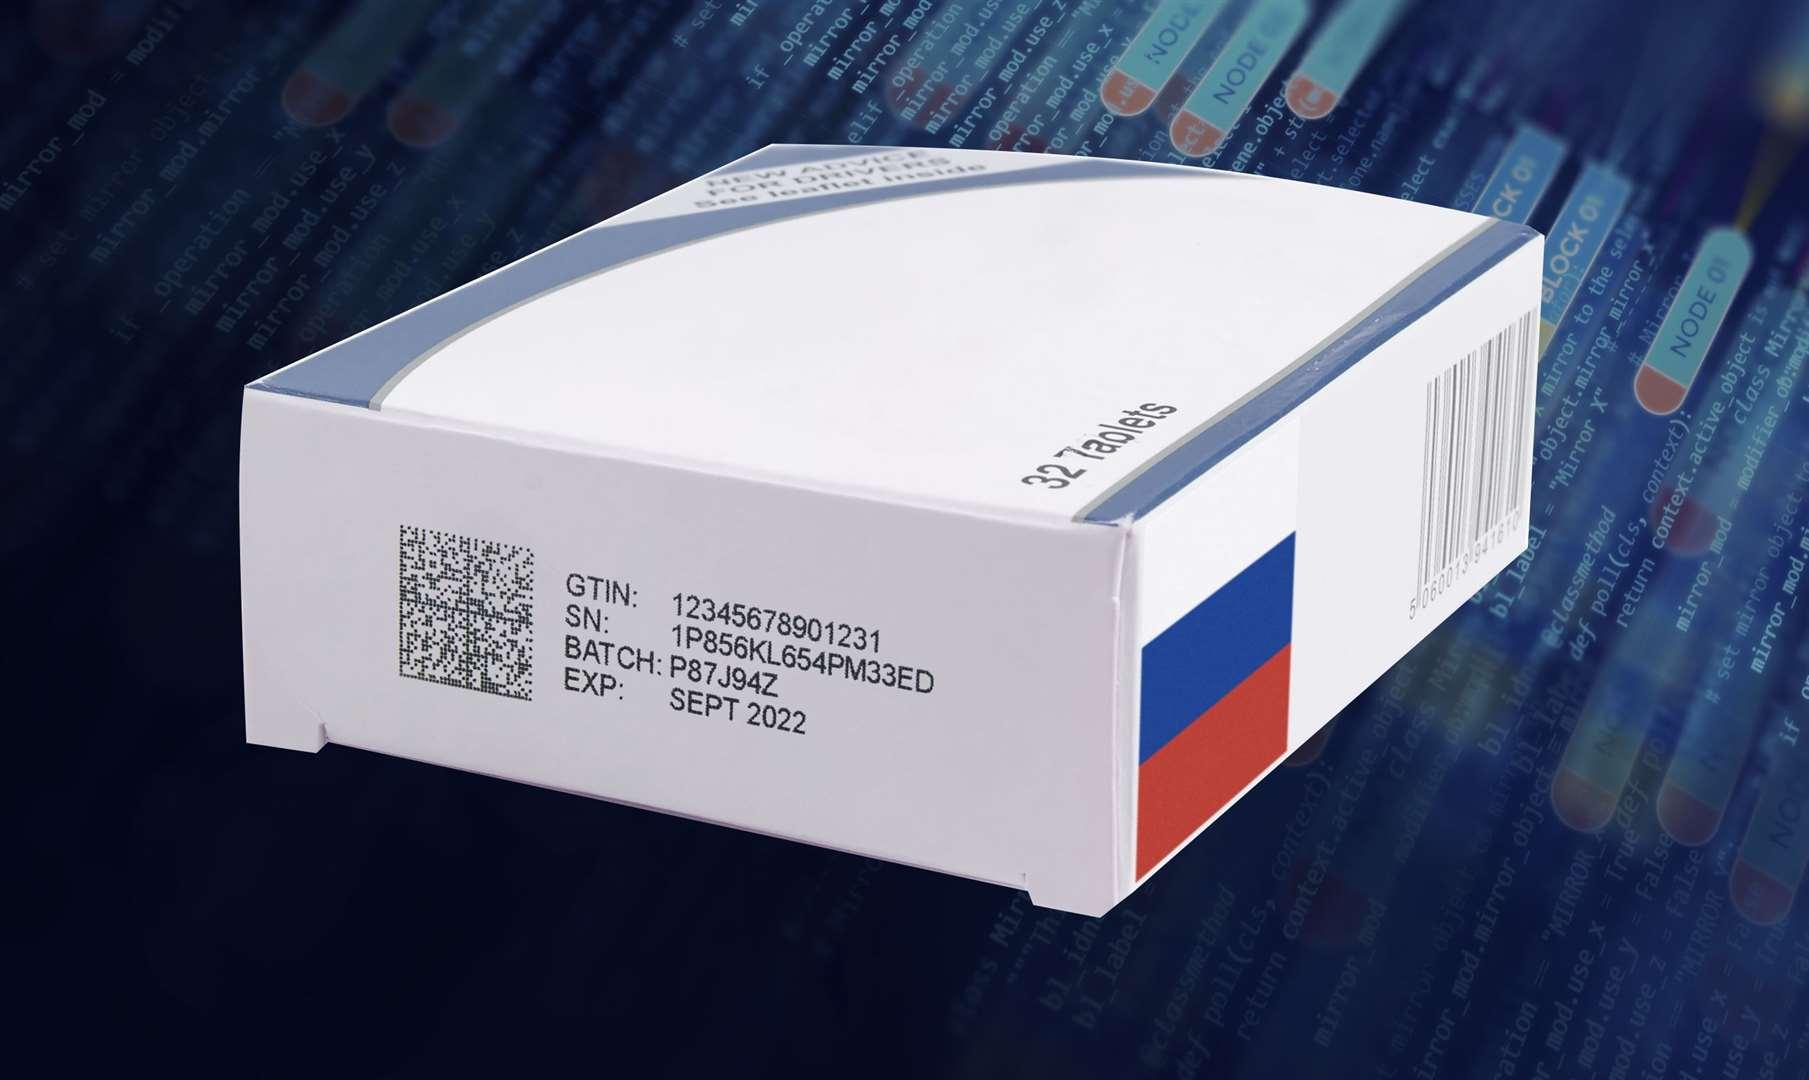 Domino помогает фармацевтическим компаниям разобраться с российским законодательством о криптовалютах